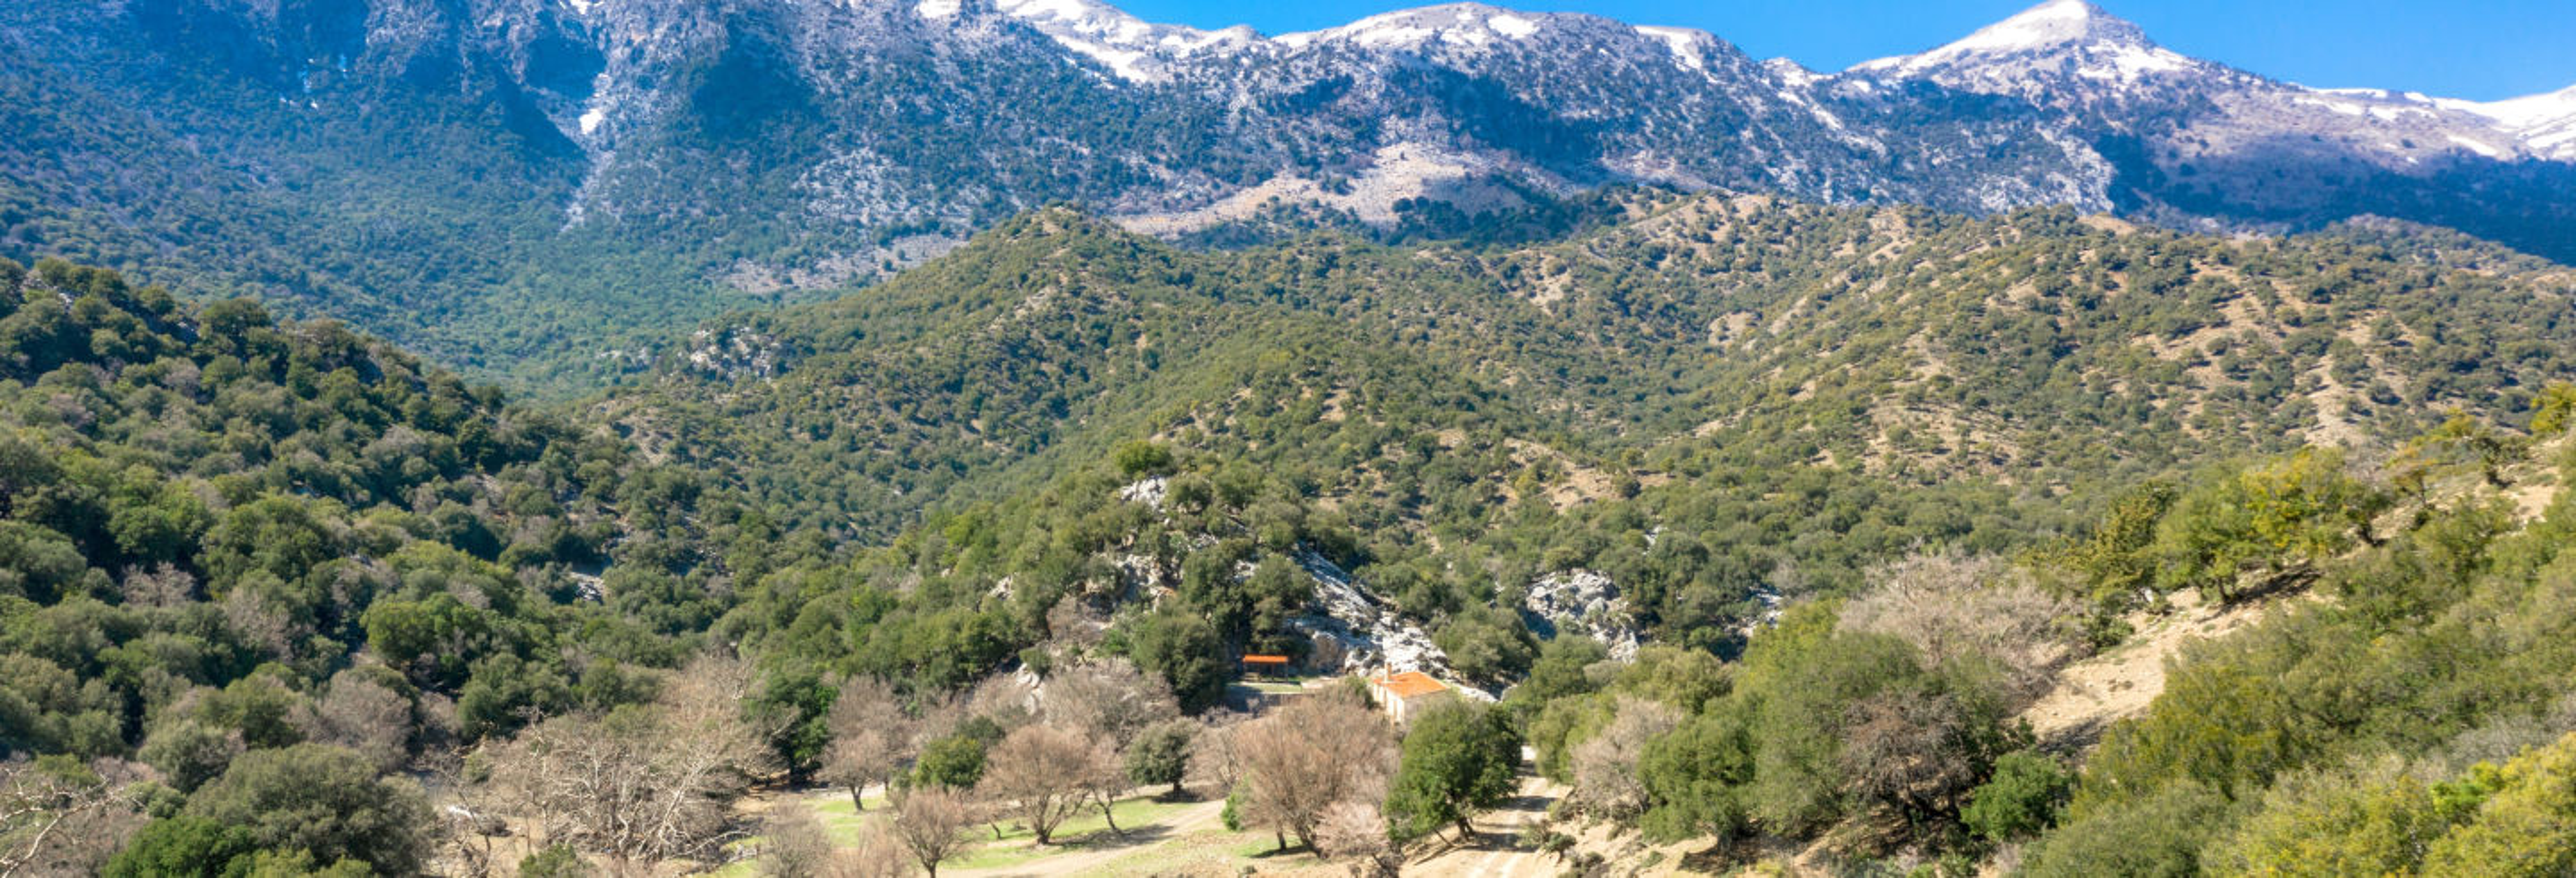 Tour en 4x4 por el monte Ida y Agia Pelagia